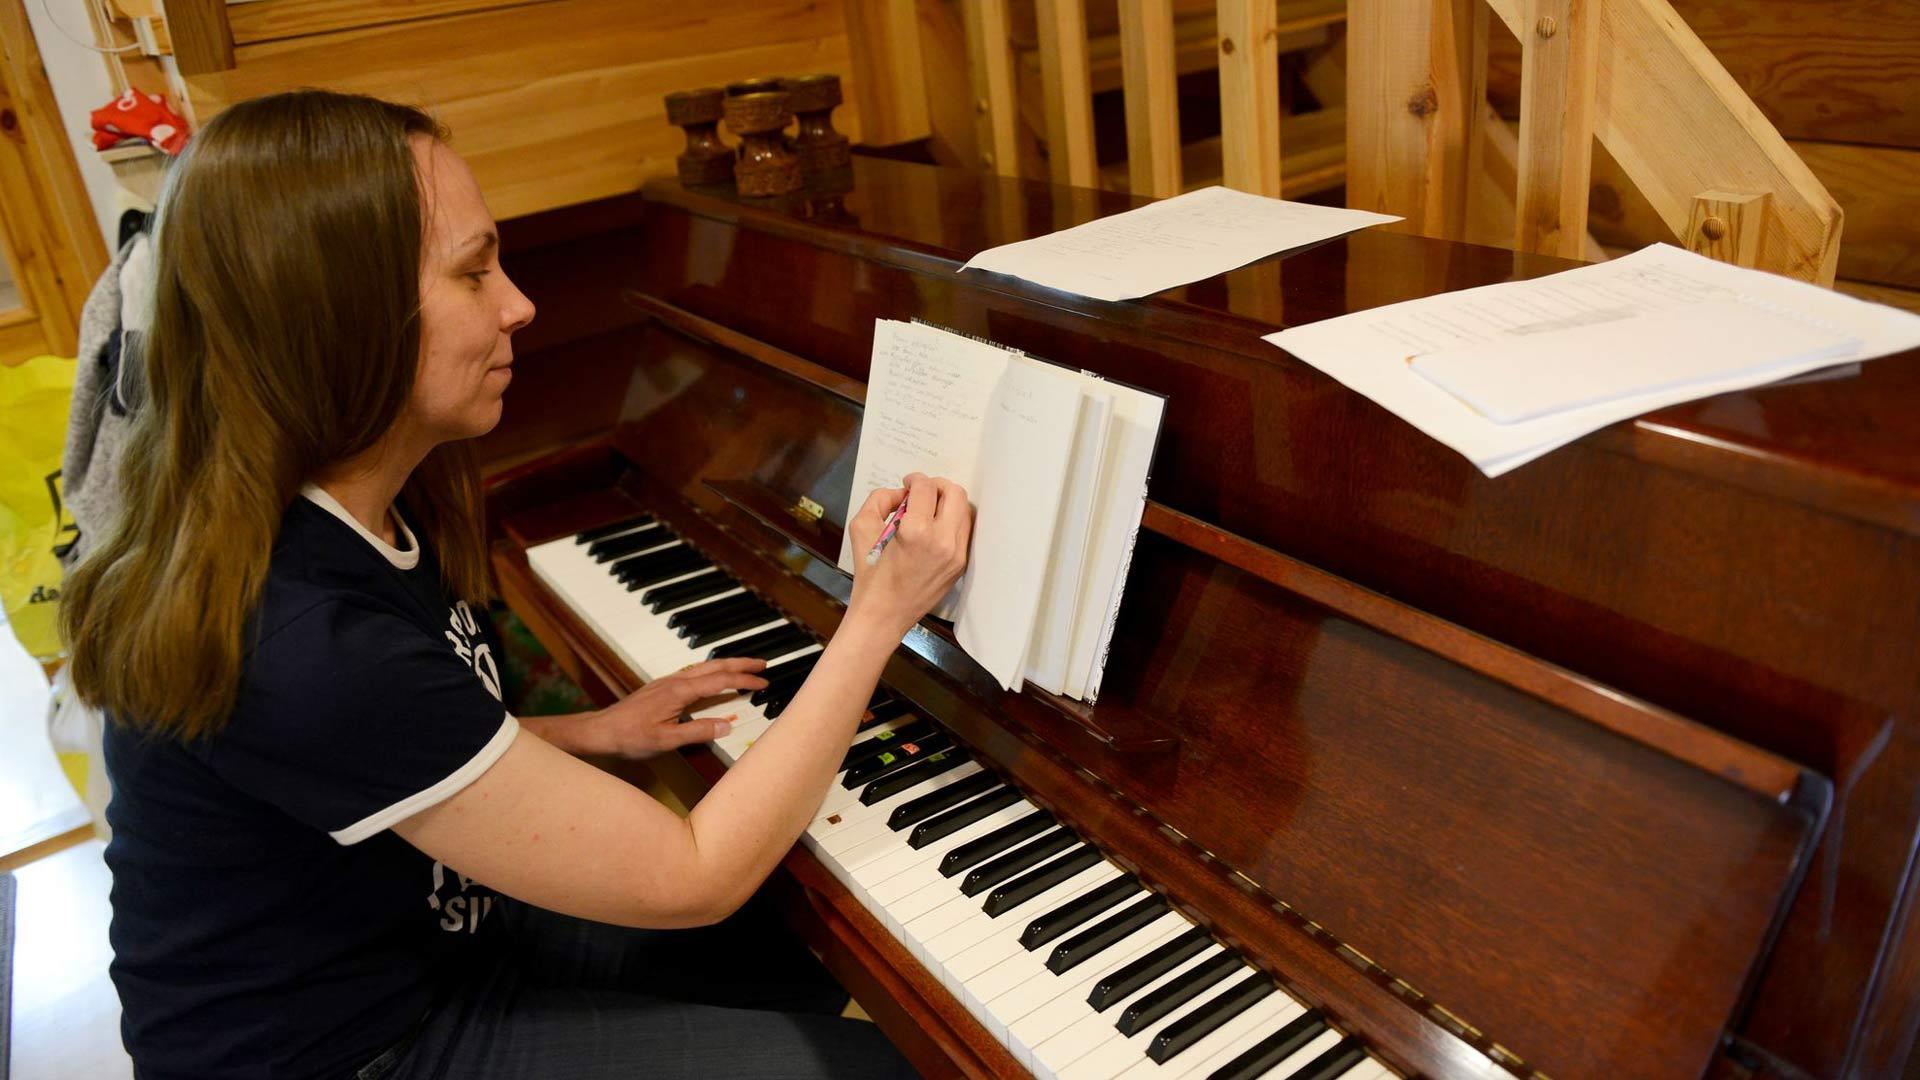 Johanna työstää ensimmäistä itse säveltämäänsä ja sanoittamaansa laulua. Kuka ties hän uskaltaa jonakin päivänä esiintyä ihmisyleisön edessä.